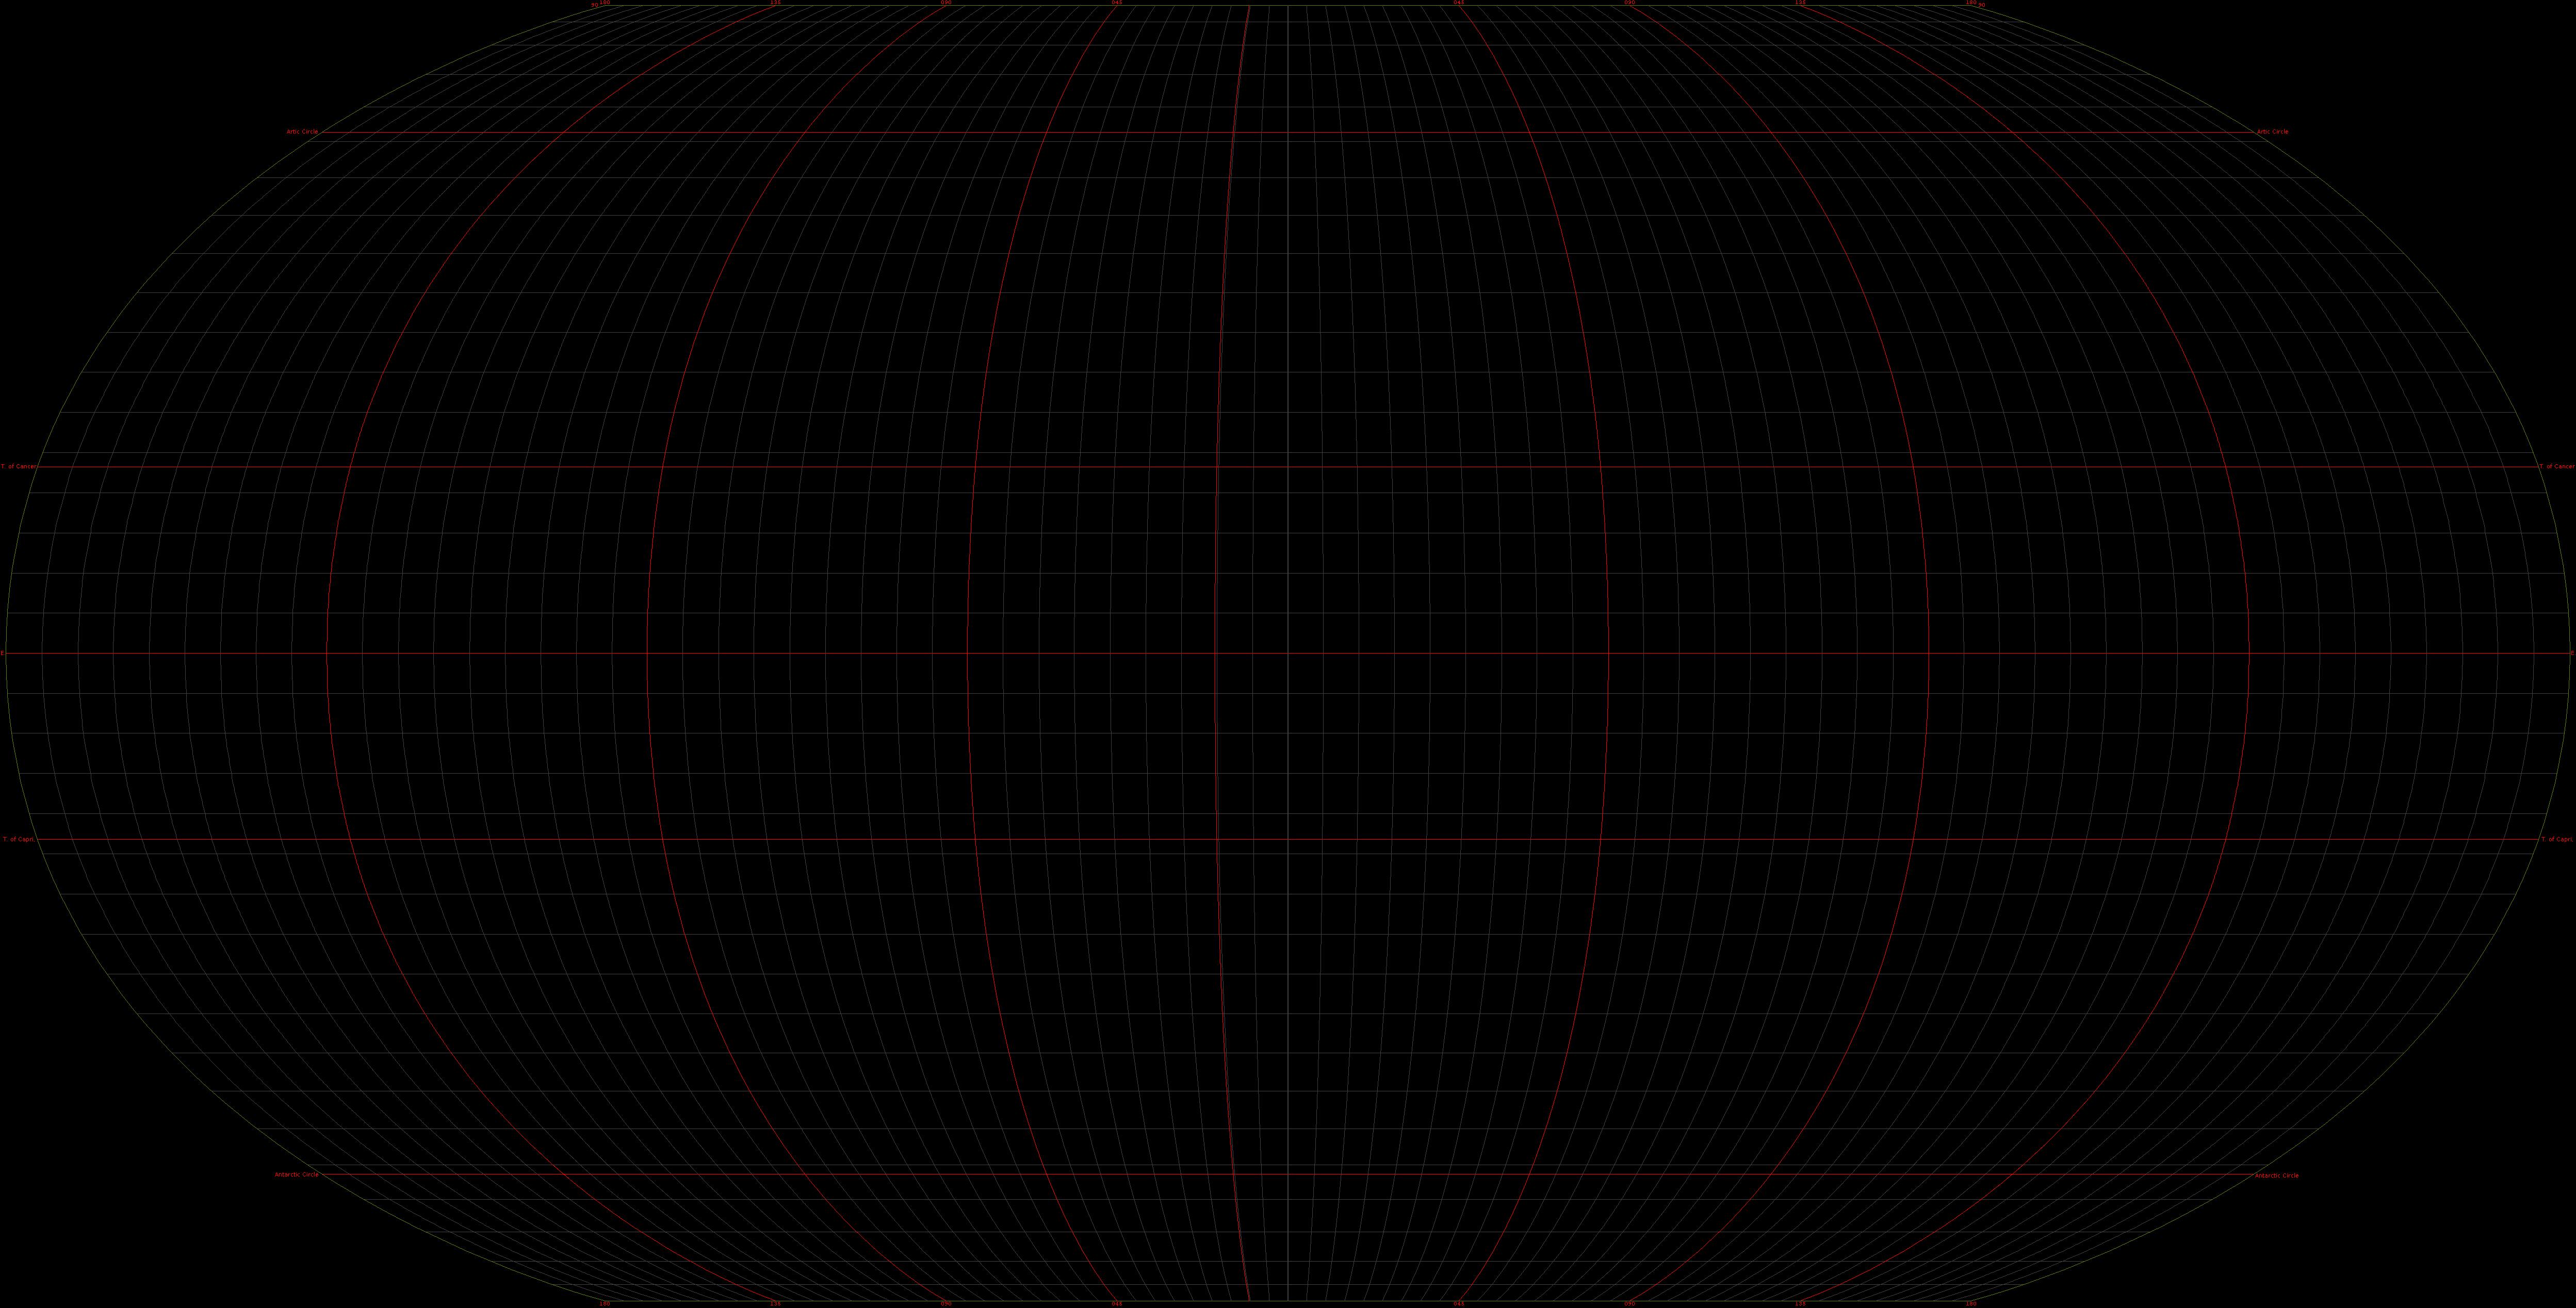 ddaf4o9-76c114e6-c8f2-4647-b4dd-bcb4f27e58a6.png